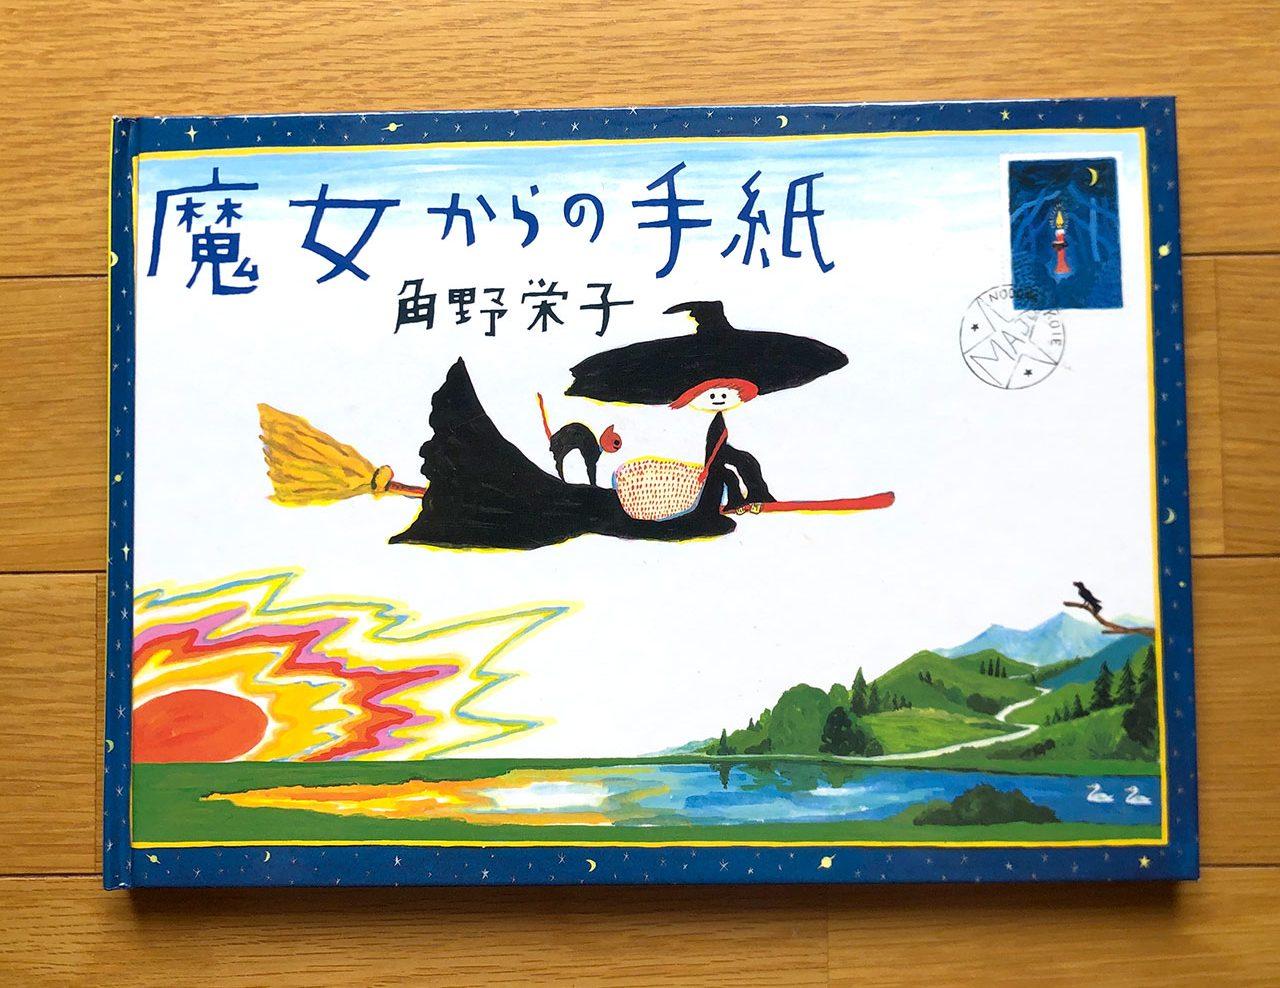 絵本『魔女からの手紙』